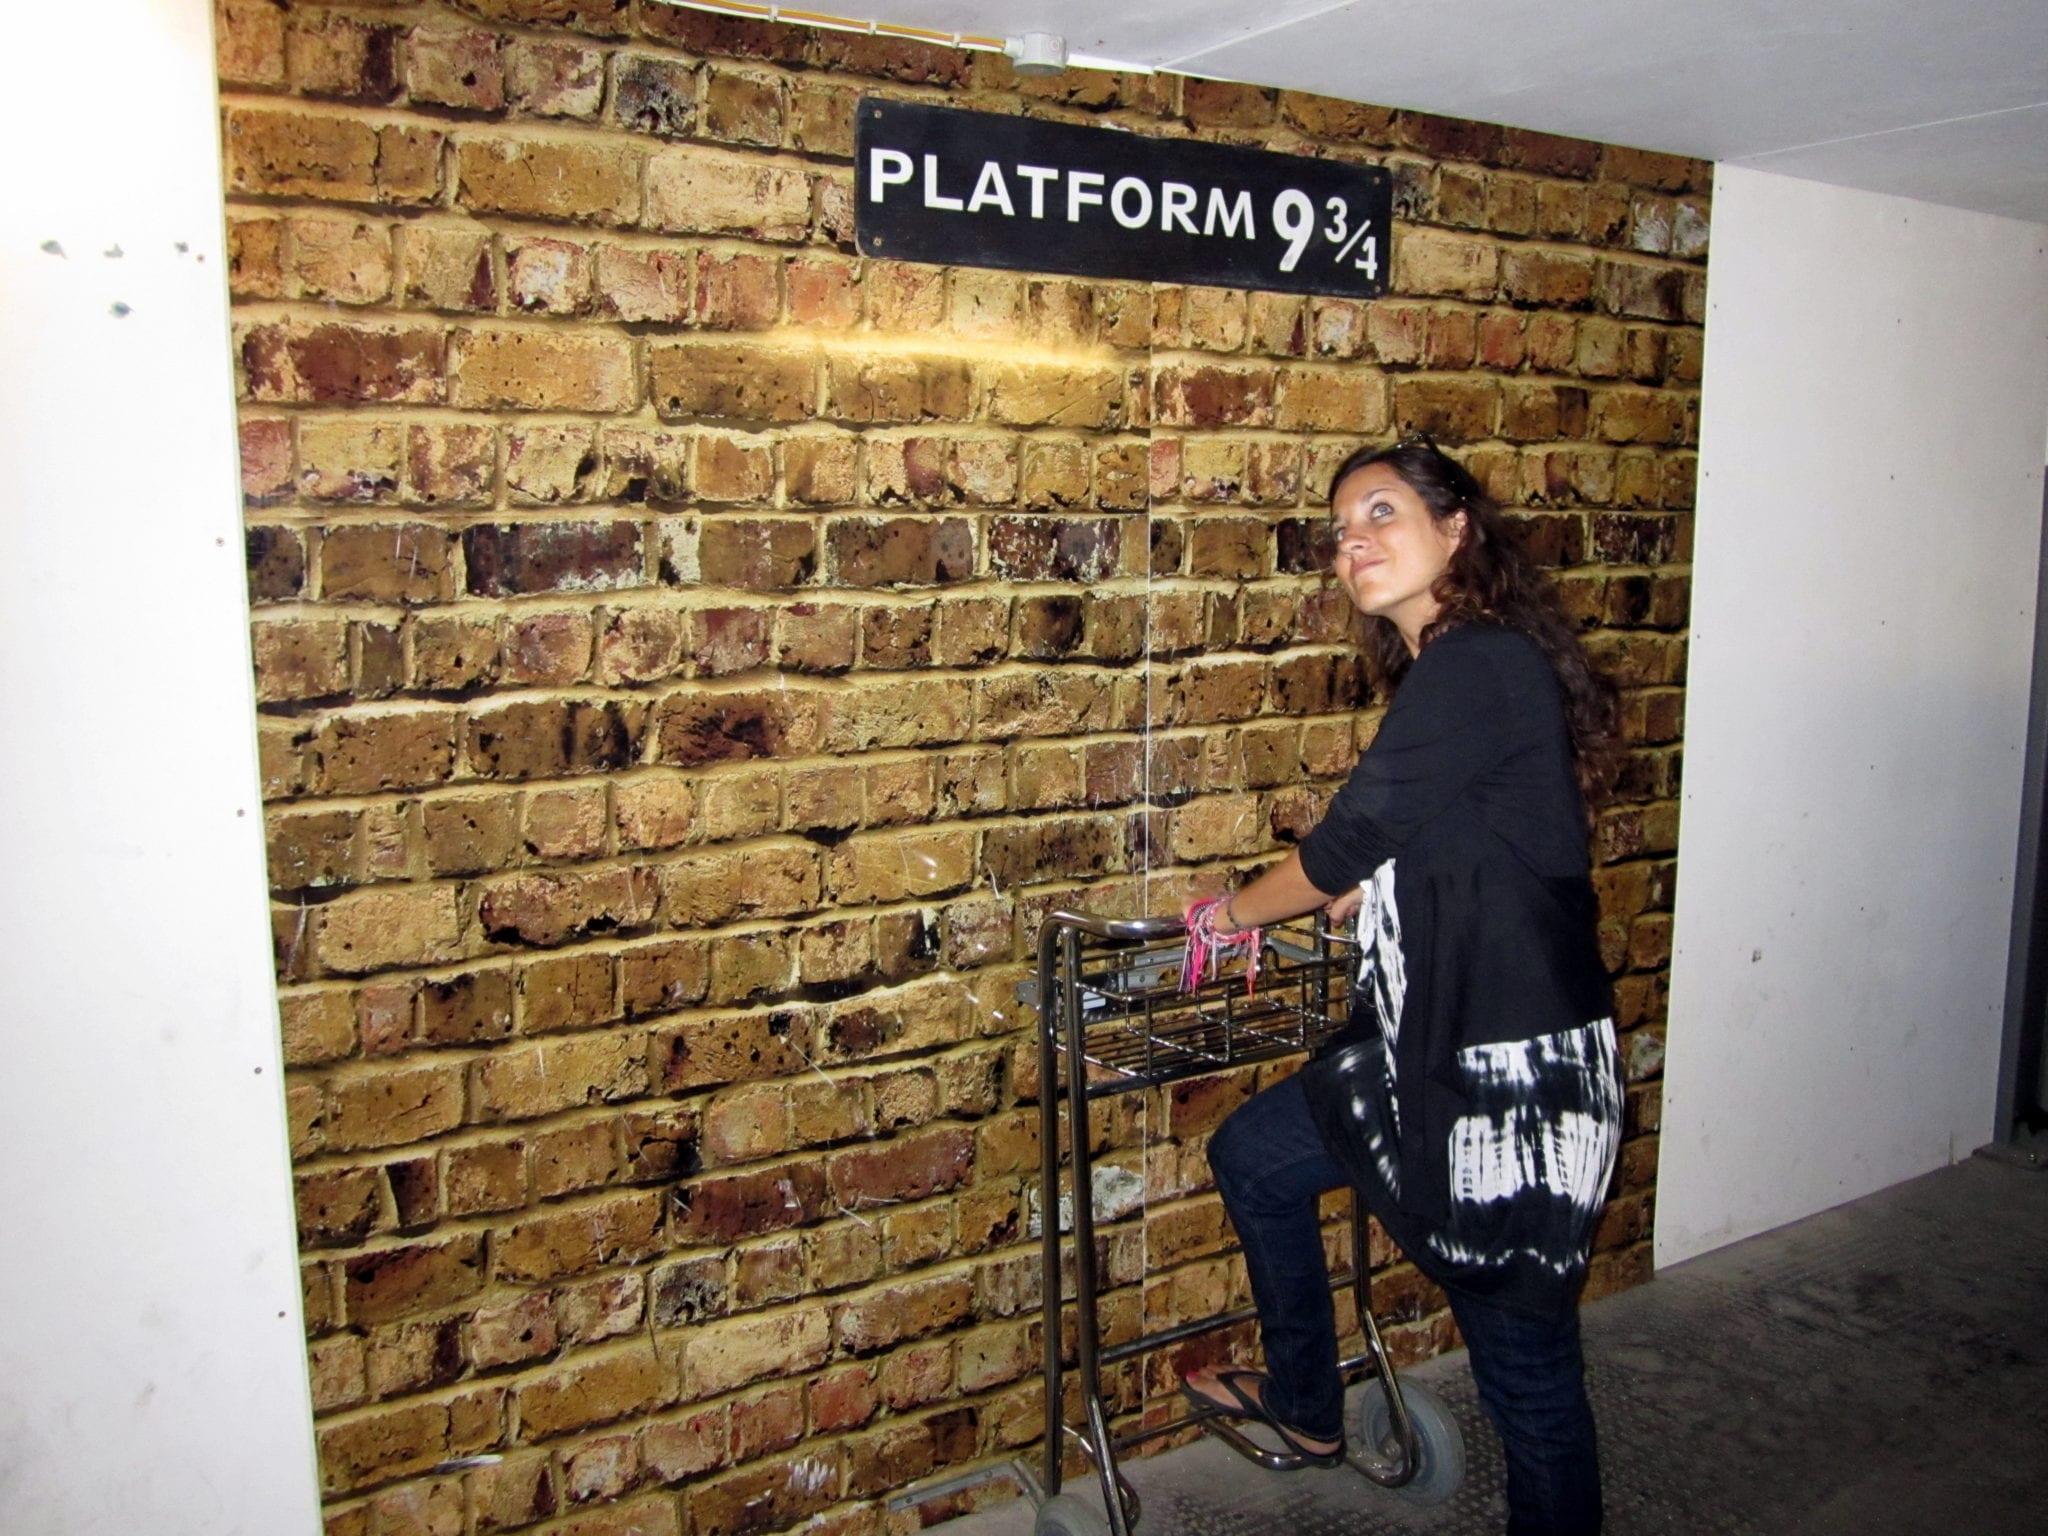 Kate at Platform 9 3/4